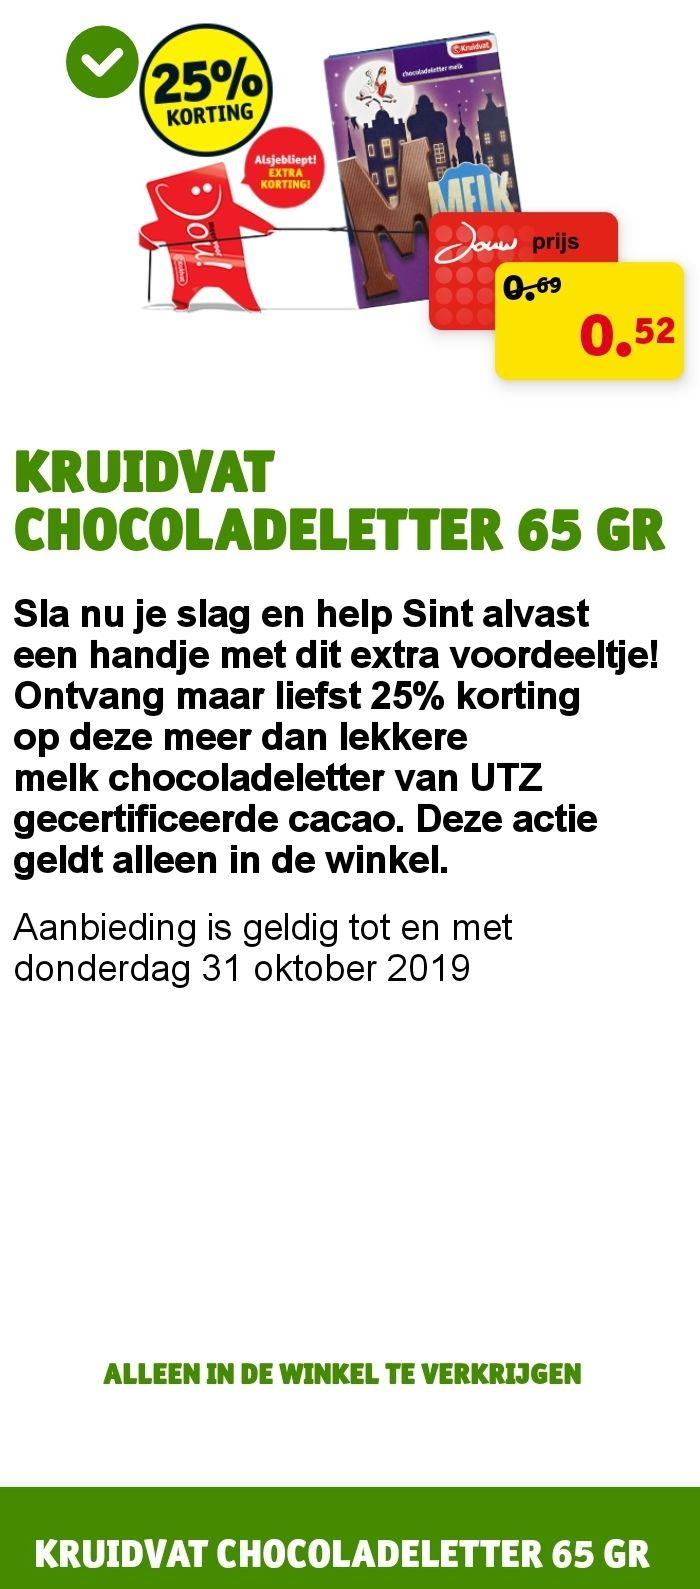 25% korting op chocoladeletter @ Kruidvat